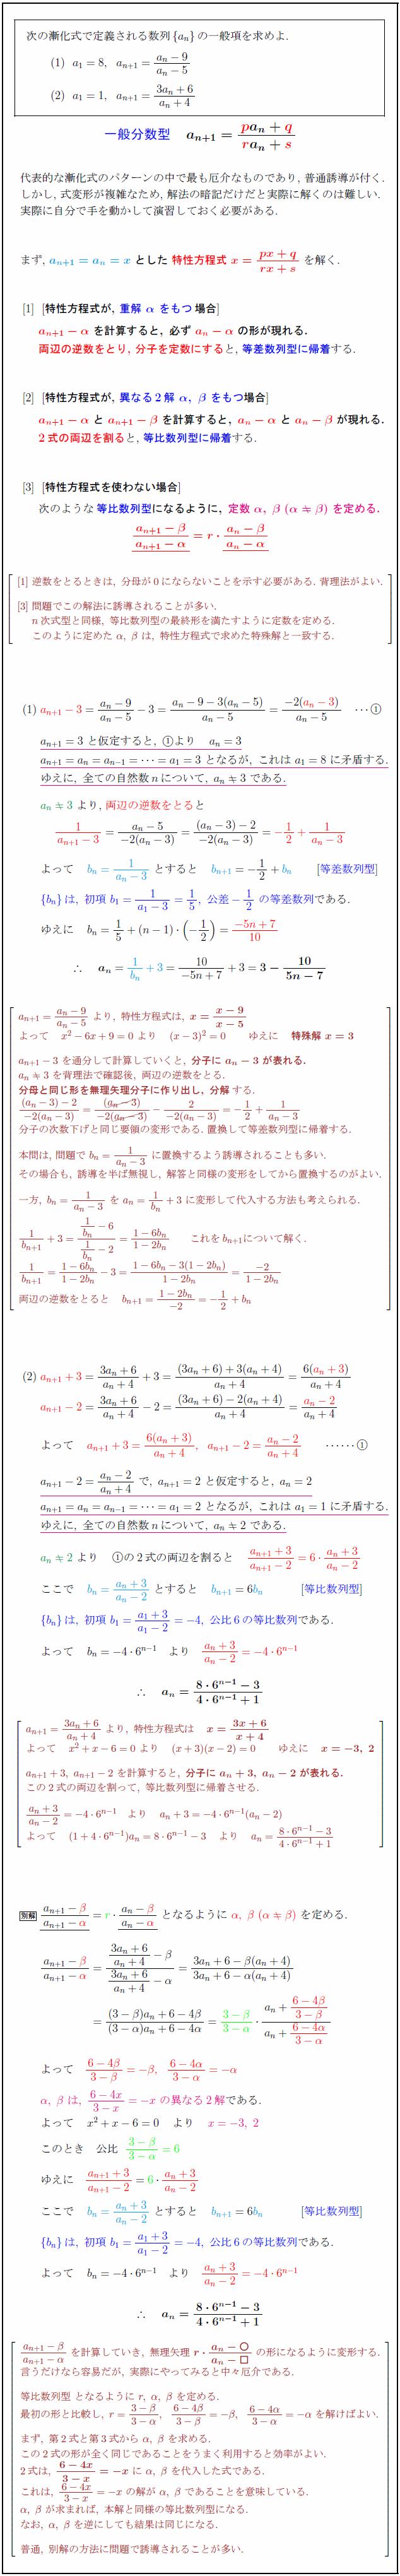 general-fraction